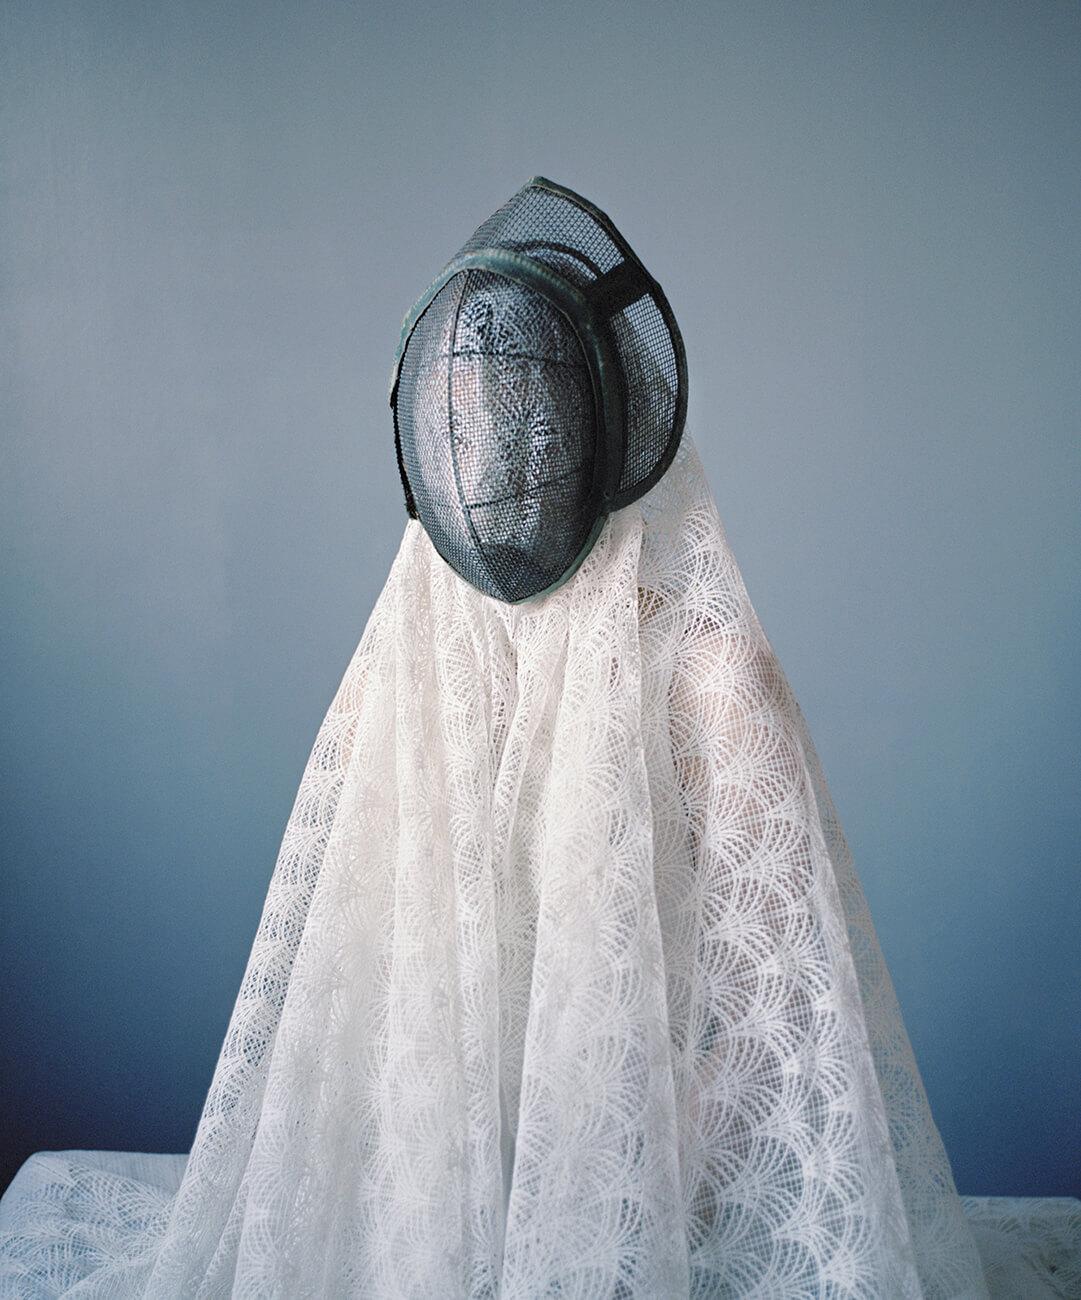 Marie Hudelot - Camouflage au casque et voile